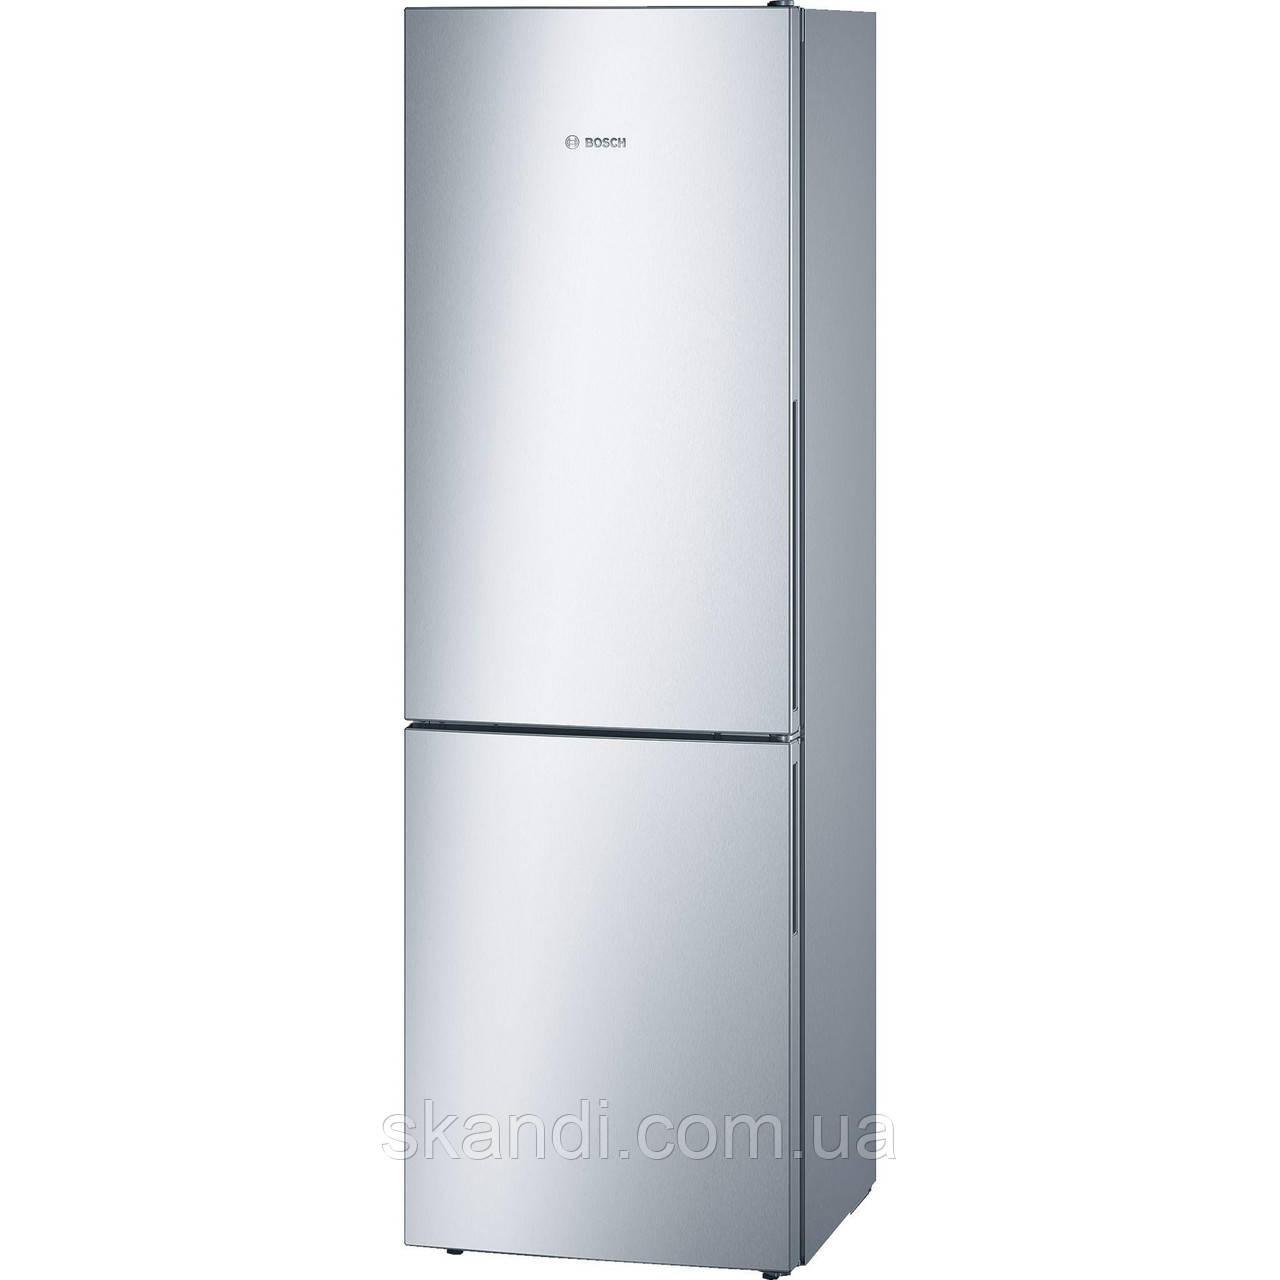 Холодильник  Bosch Premium (Оригинал) Чехия KGV36KL32